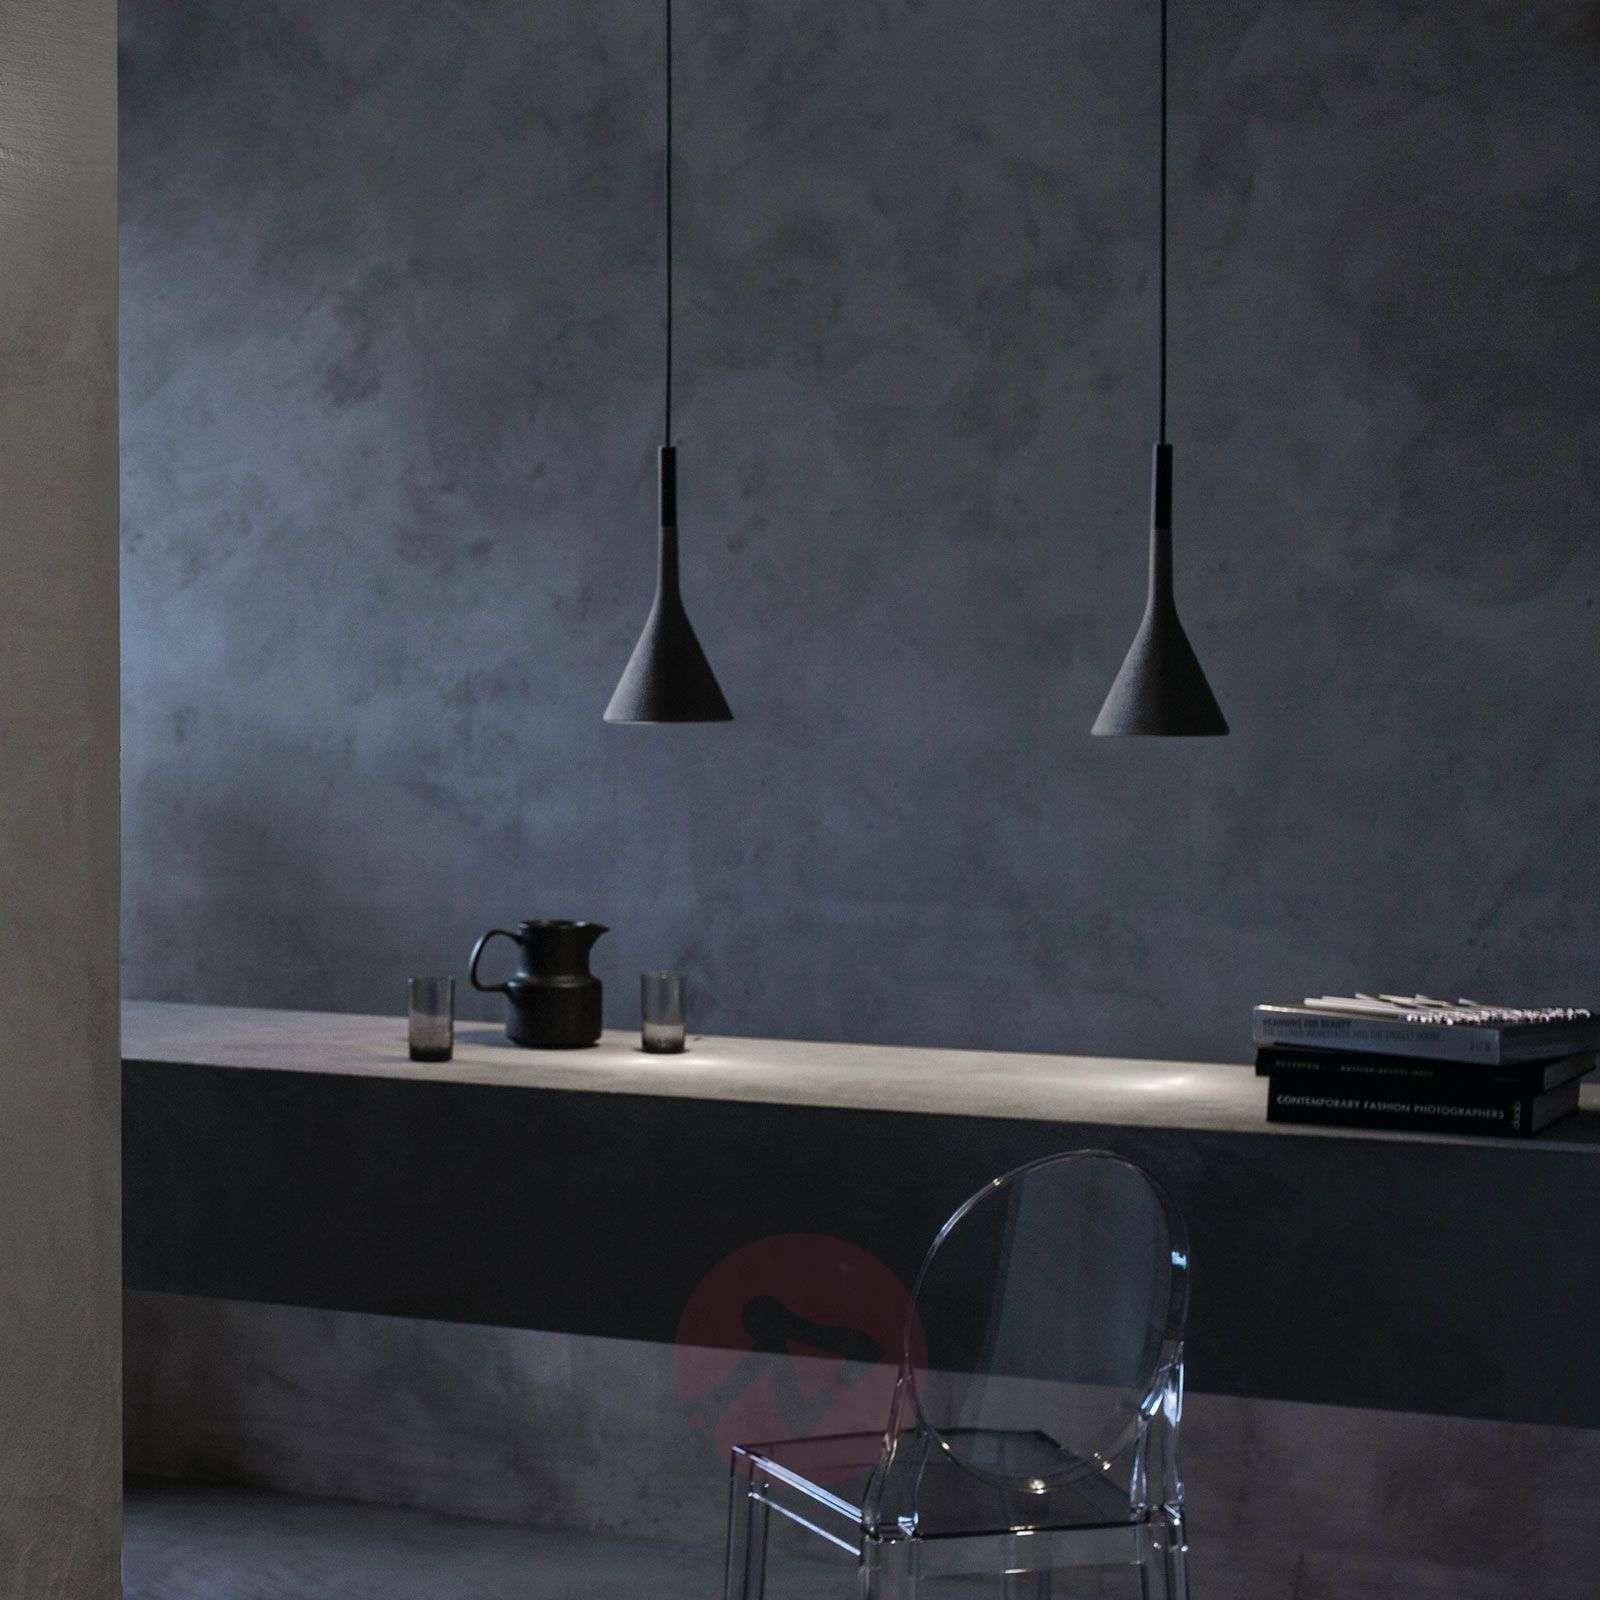 Foscarini Aplomb-riippuvalaisin betonista, harmaa-3560064-01